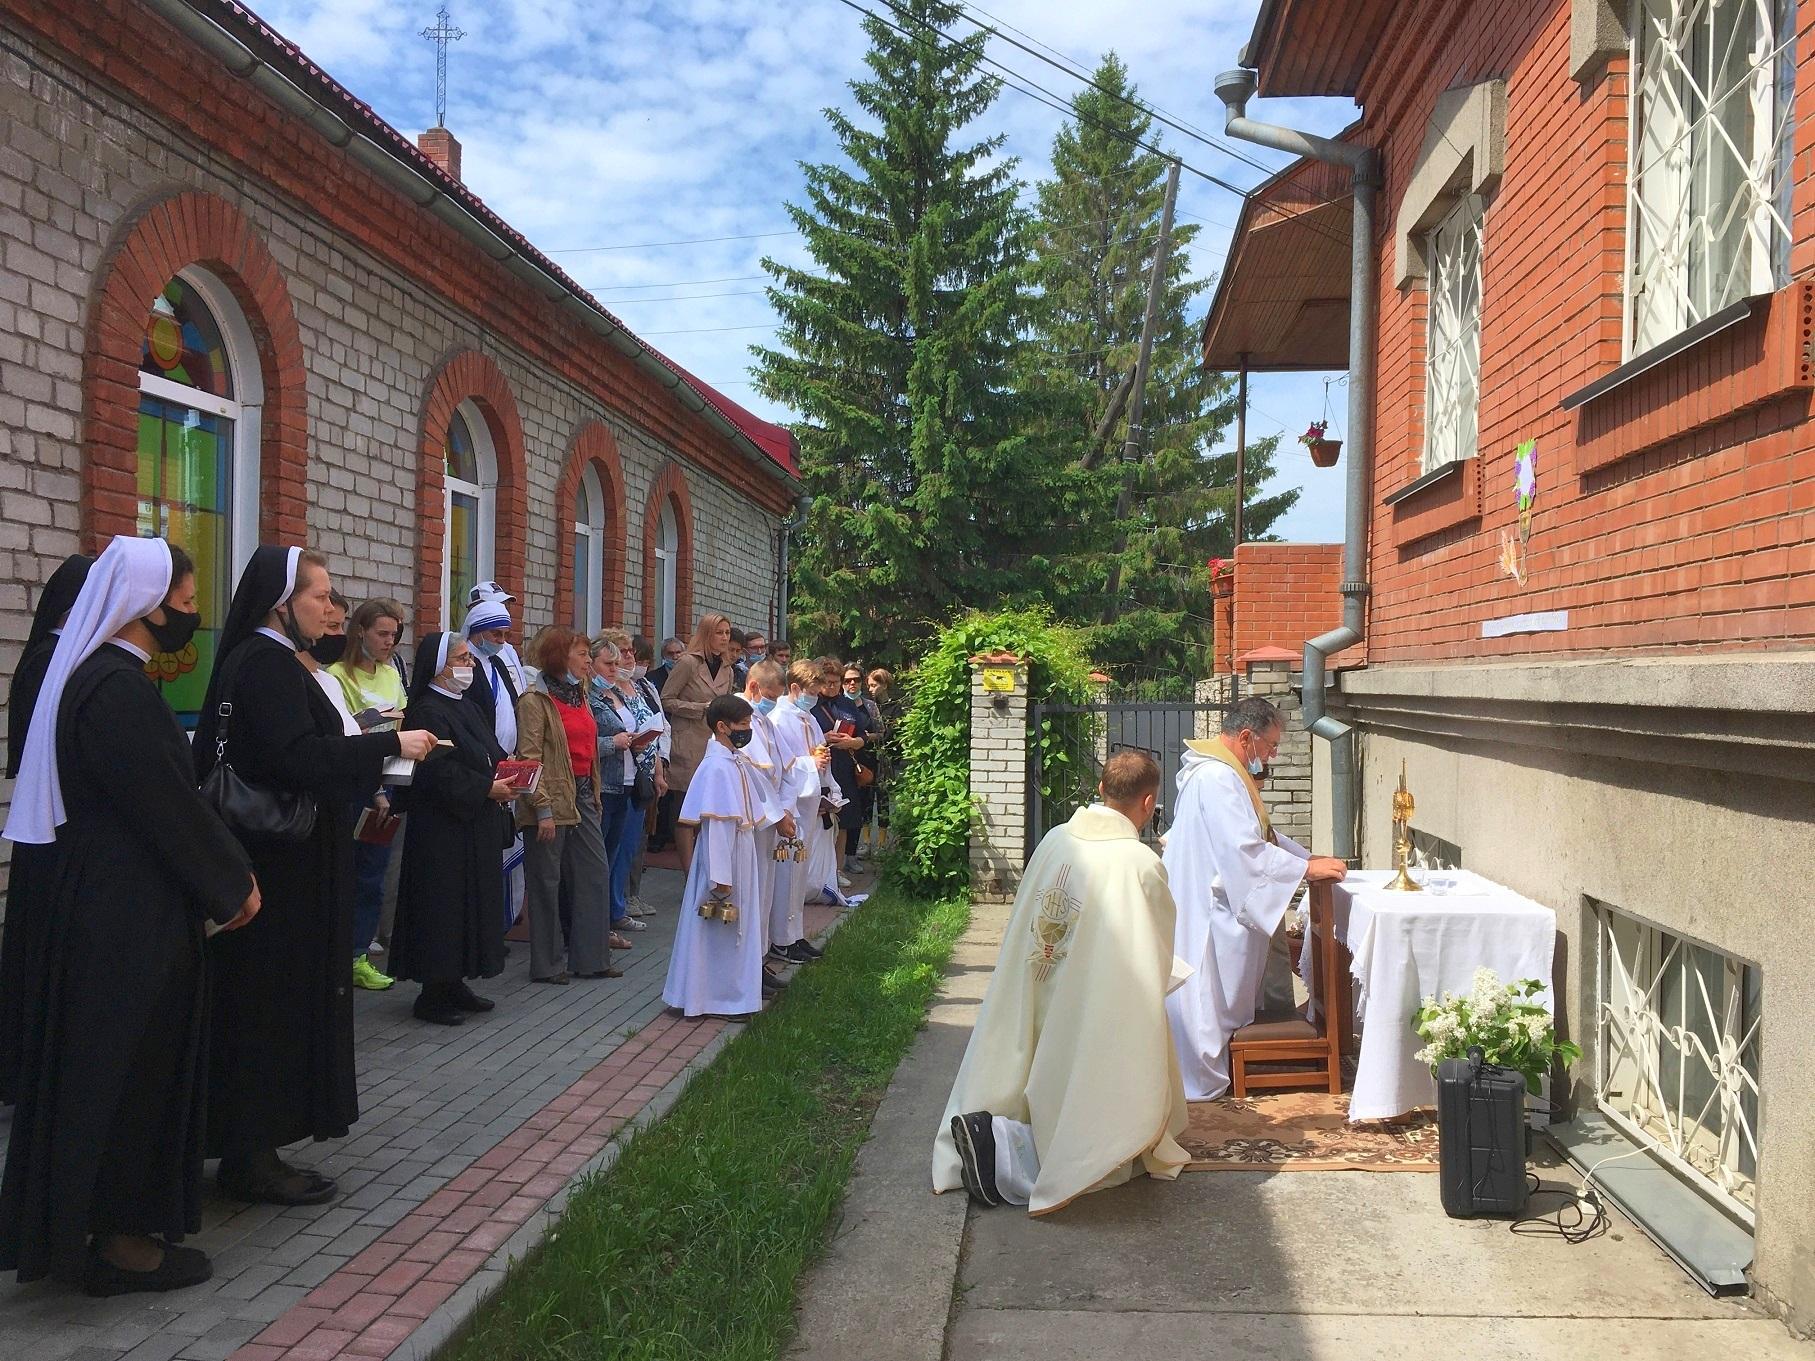 О праздновании торжества Пресвятых Тела и Крови Христа в приходе францисканцев (Новосибирск)